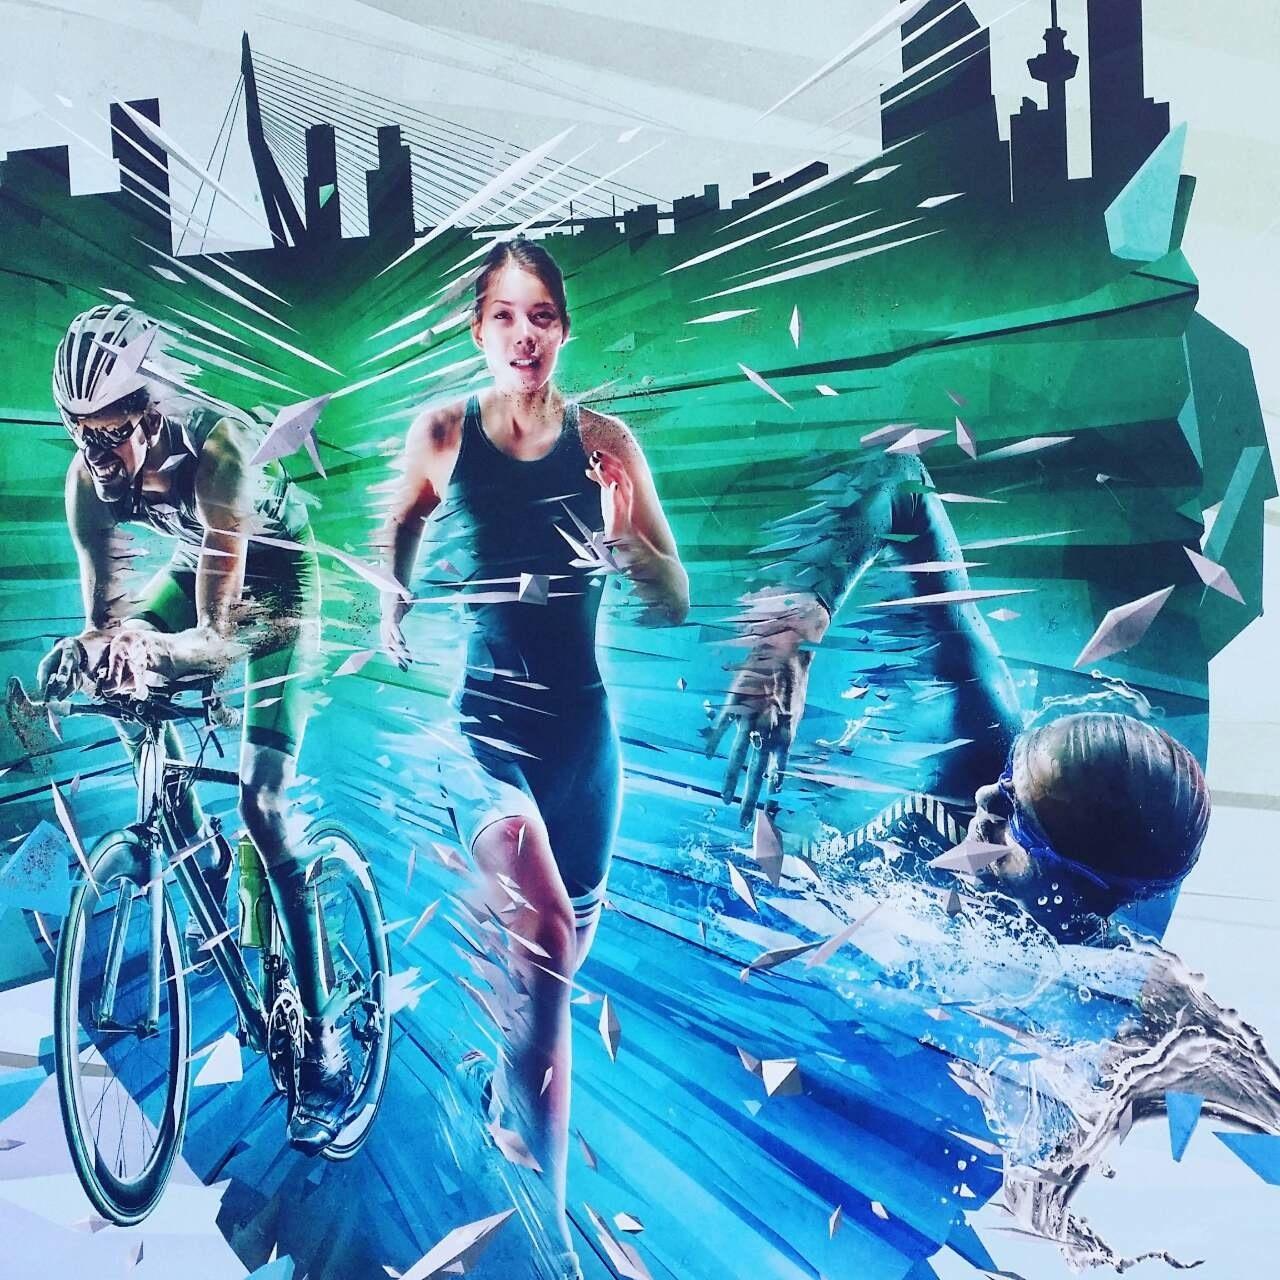 Россиянин Денис Кунгурцев завоевал золотую медаль на чемпионате мира по паратриатлону в Голландии, Анна Бычкова выиграла бронзовую награду